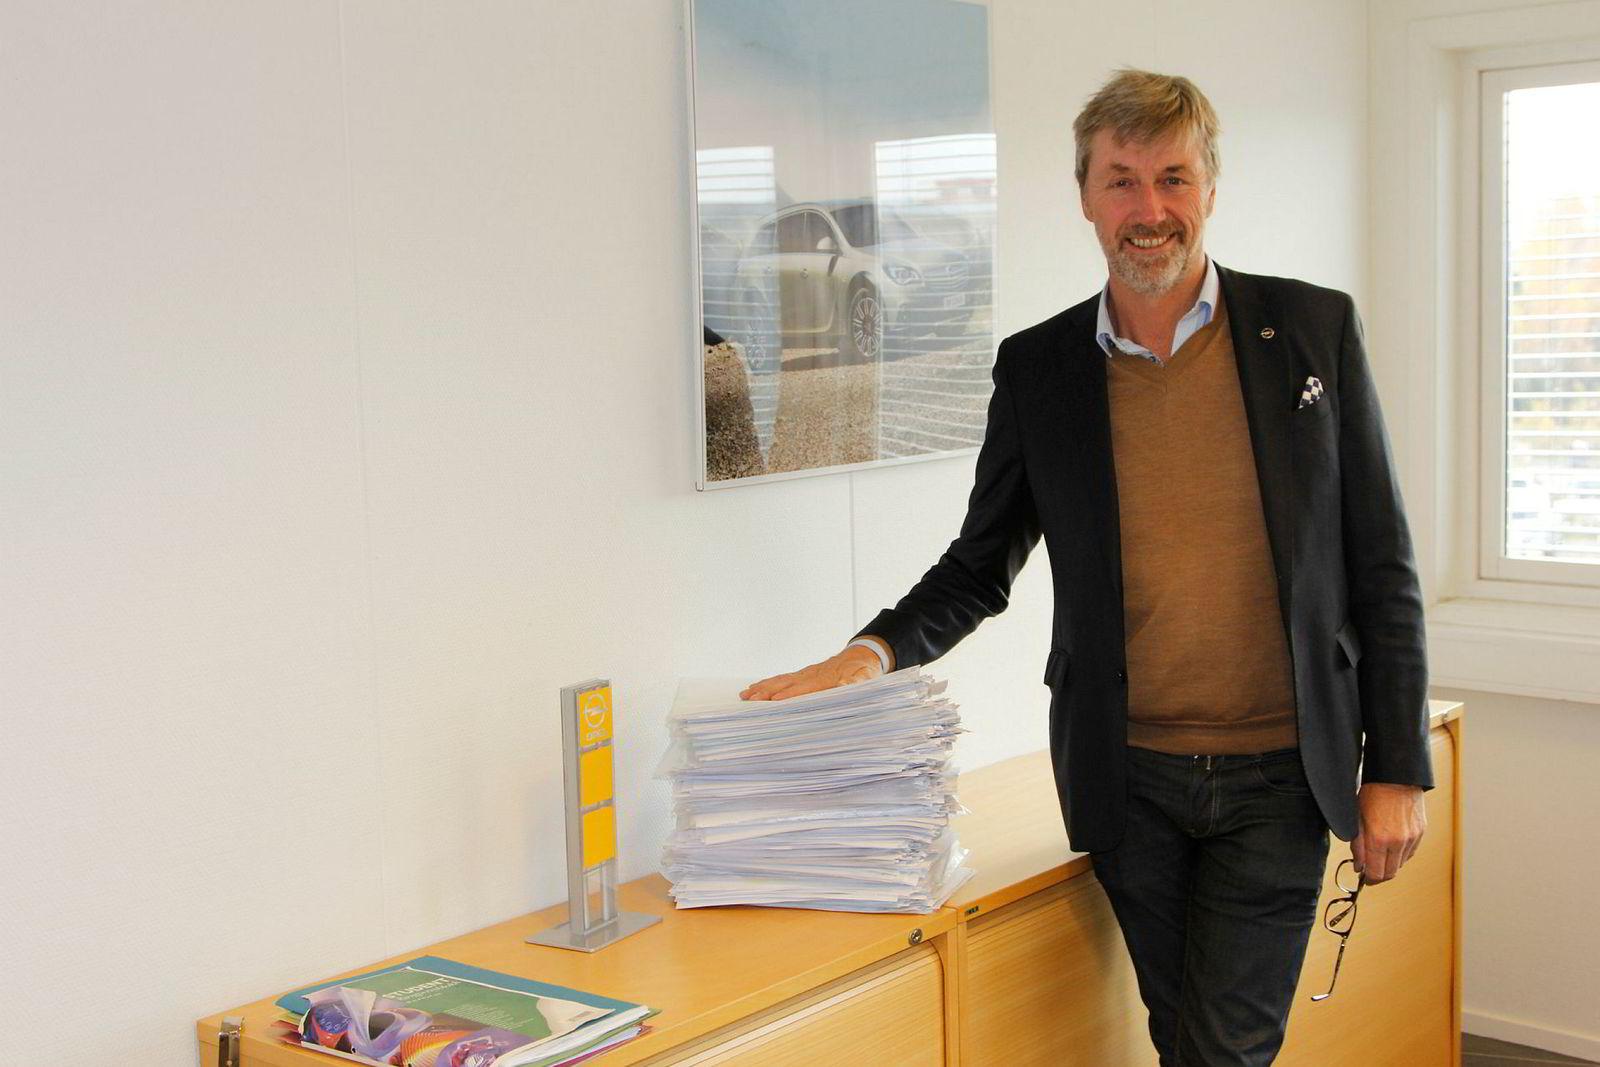 Her viser Bernt G. Jessen ordrebunken for Opel Ampera-e slik den så ut i slutten av oktober. Opel vil ikke si noe om antall, men ryktene går på at det skal være over 2000 nordmenn som har bestilt bilen.